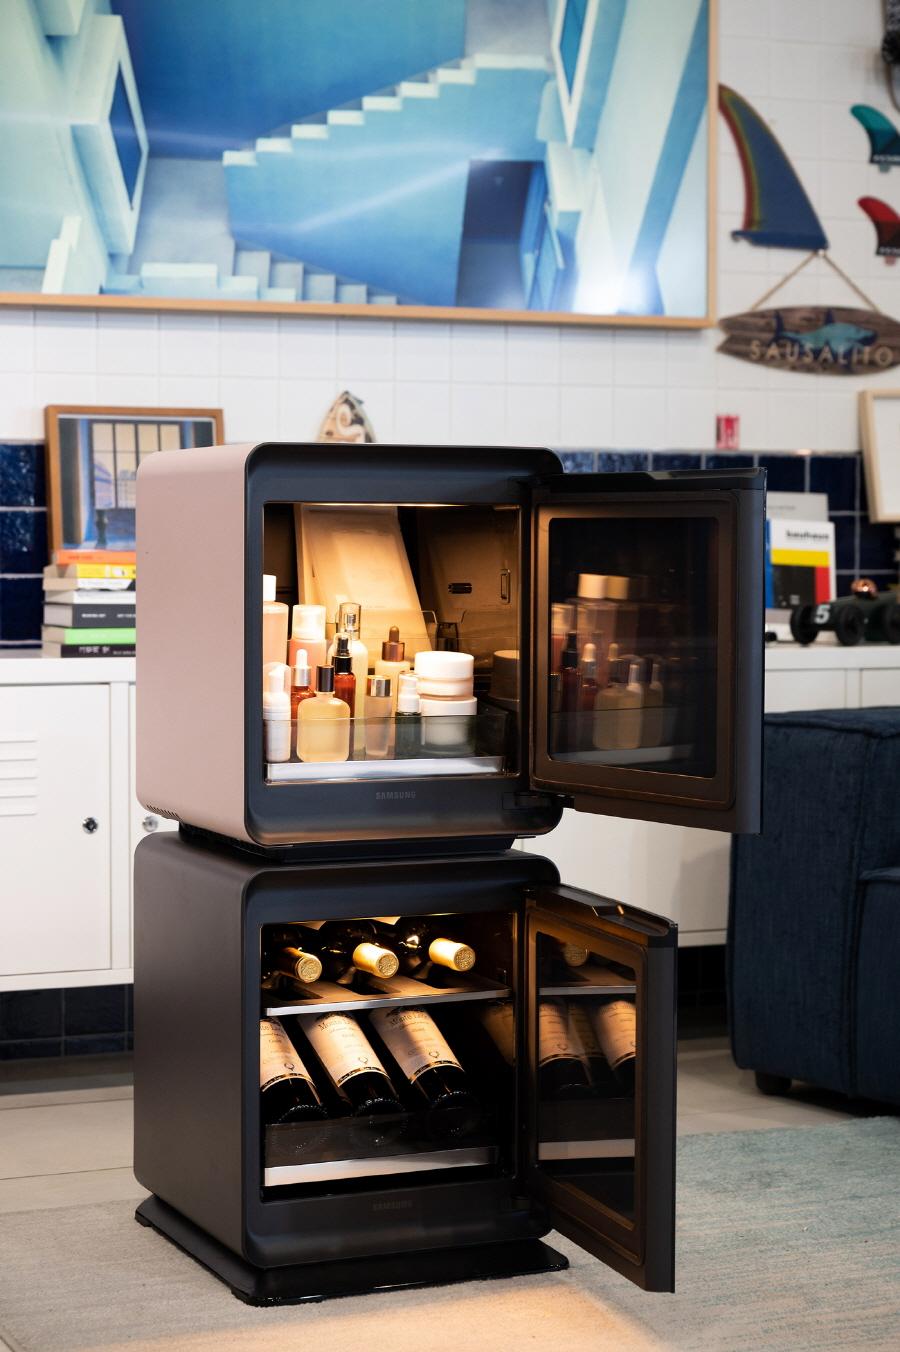 삼성전자, '비스포크 큐브' 냉장고 선보여